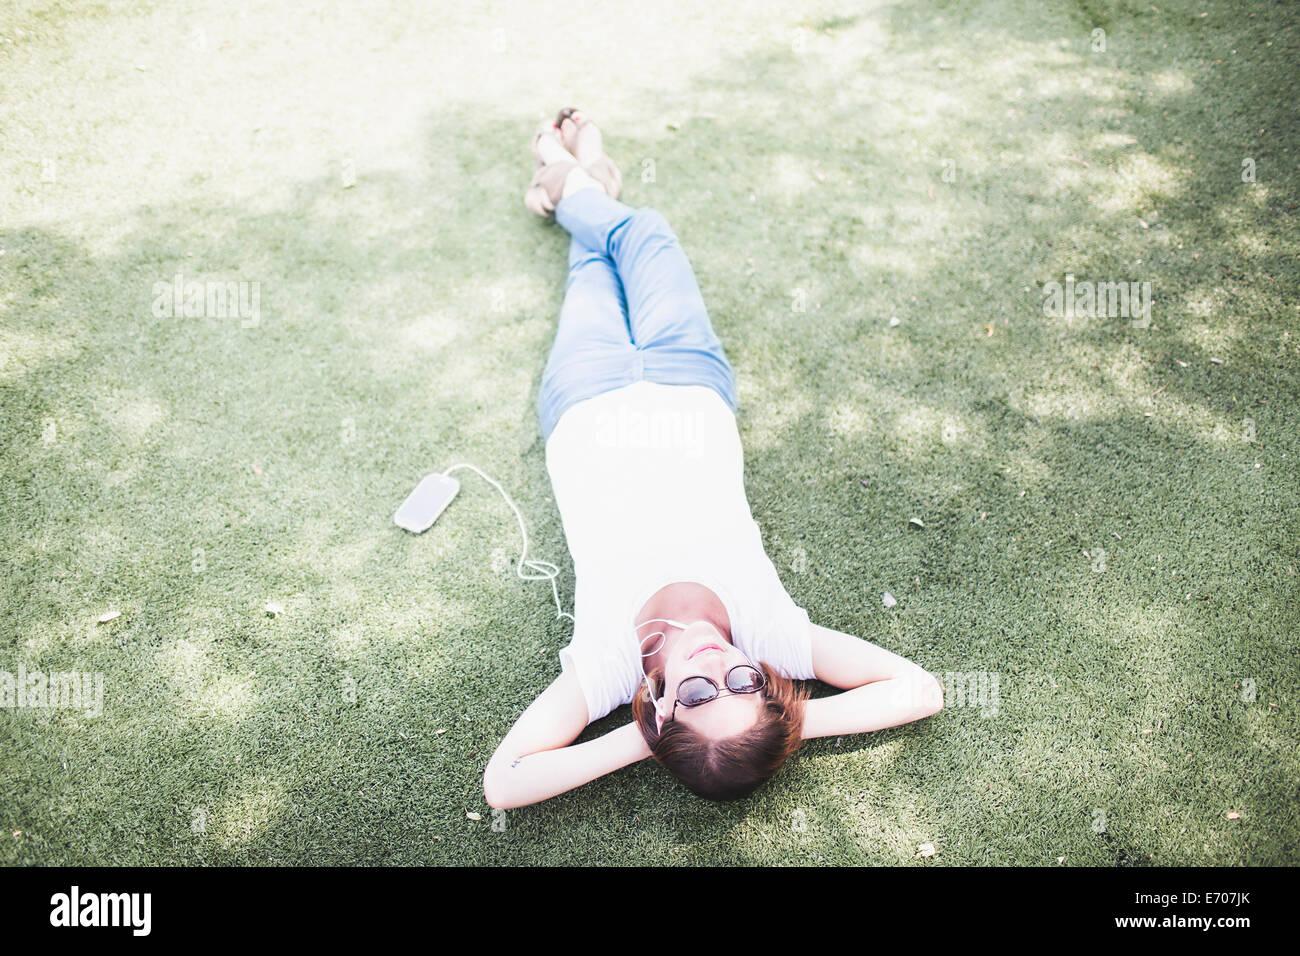 Draufsicht Mitte erwachsenen Frau liegend und anhören von Kopfhörer im park Stockbild